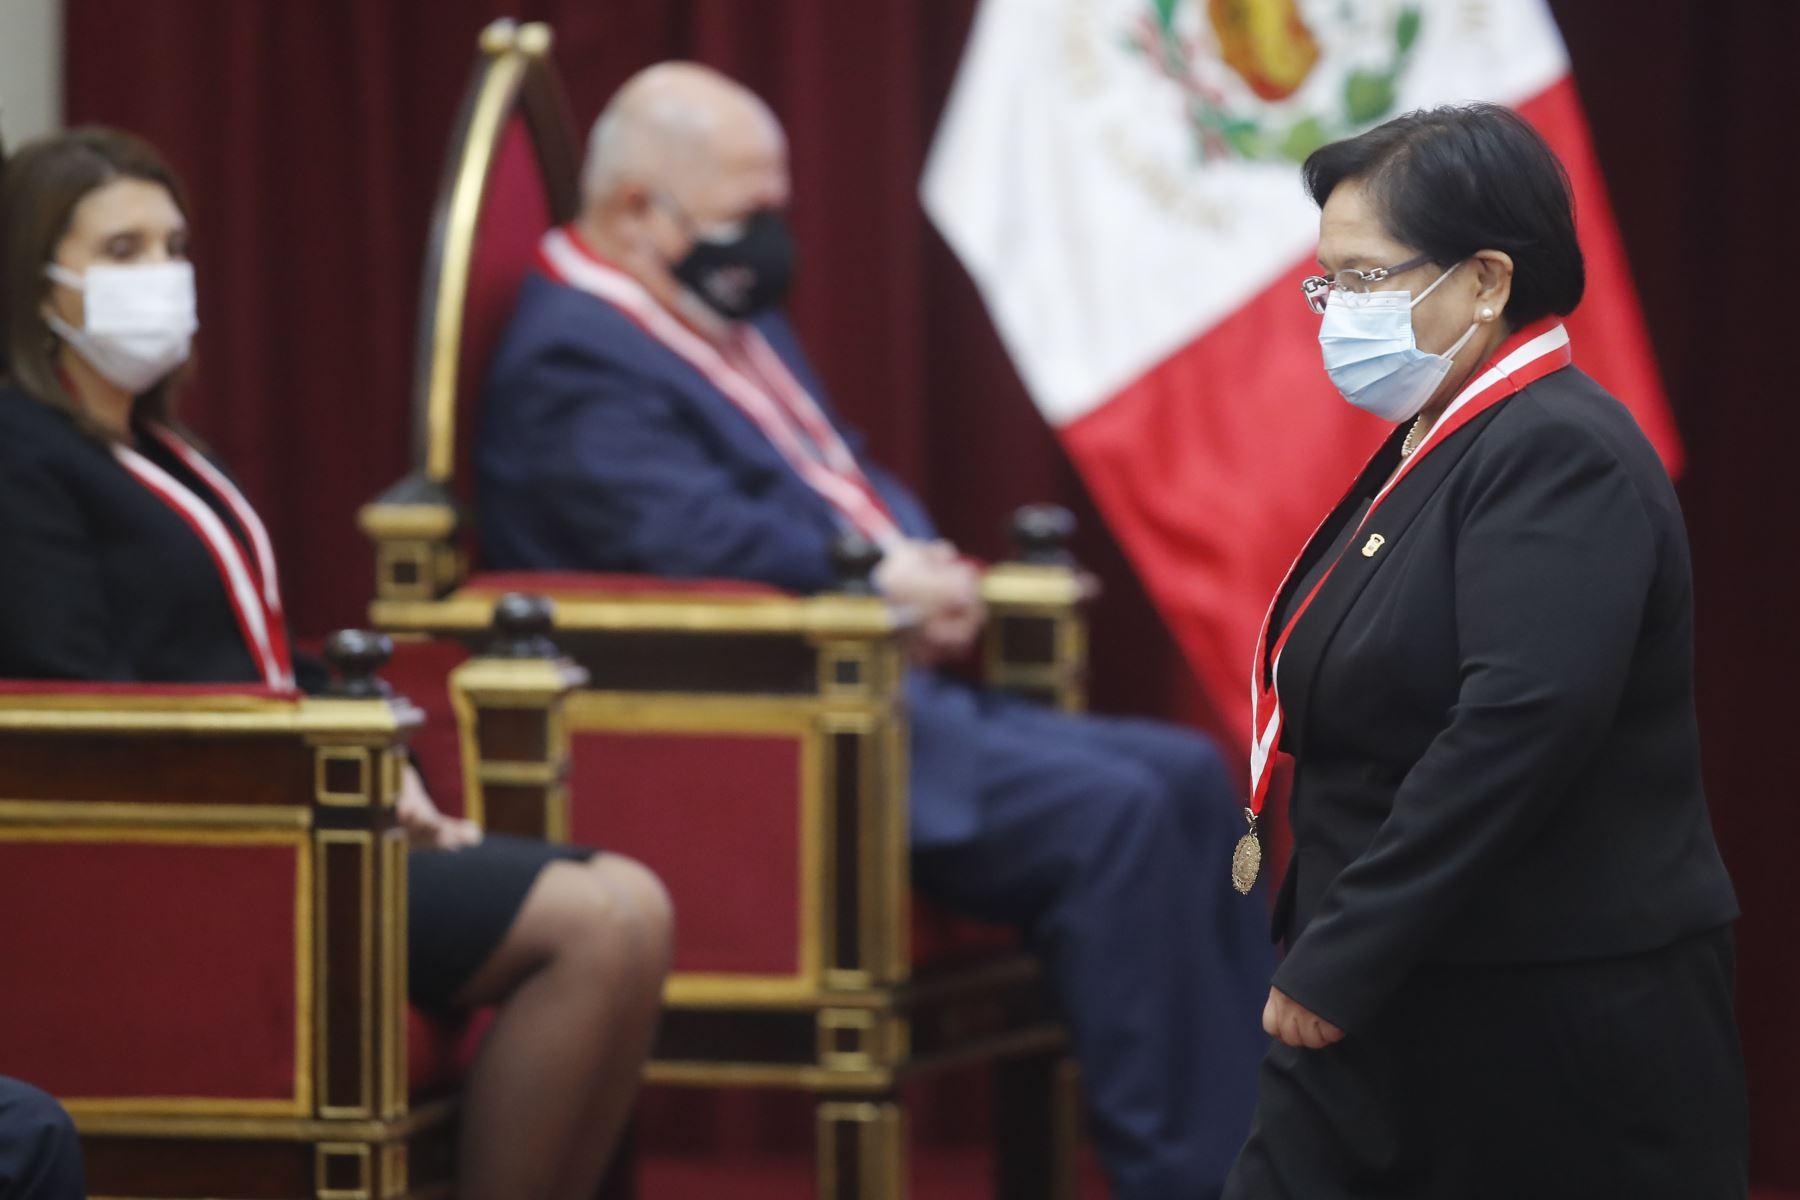 Jefa de la OCMA, jueza suprema, Mariem De la Rosa Bedriñana   participa en la celebración del Día del Juez y la Jueza. Foto: ANDINA/ Juan Carlos Guzmán